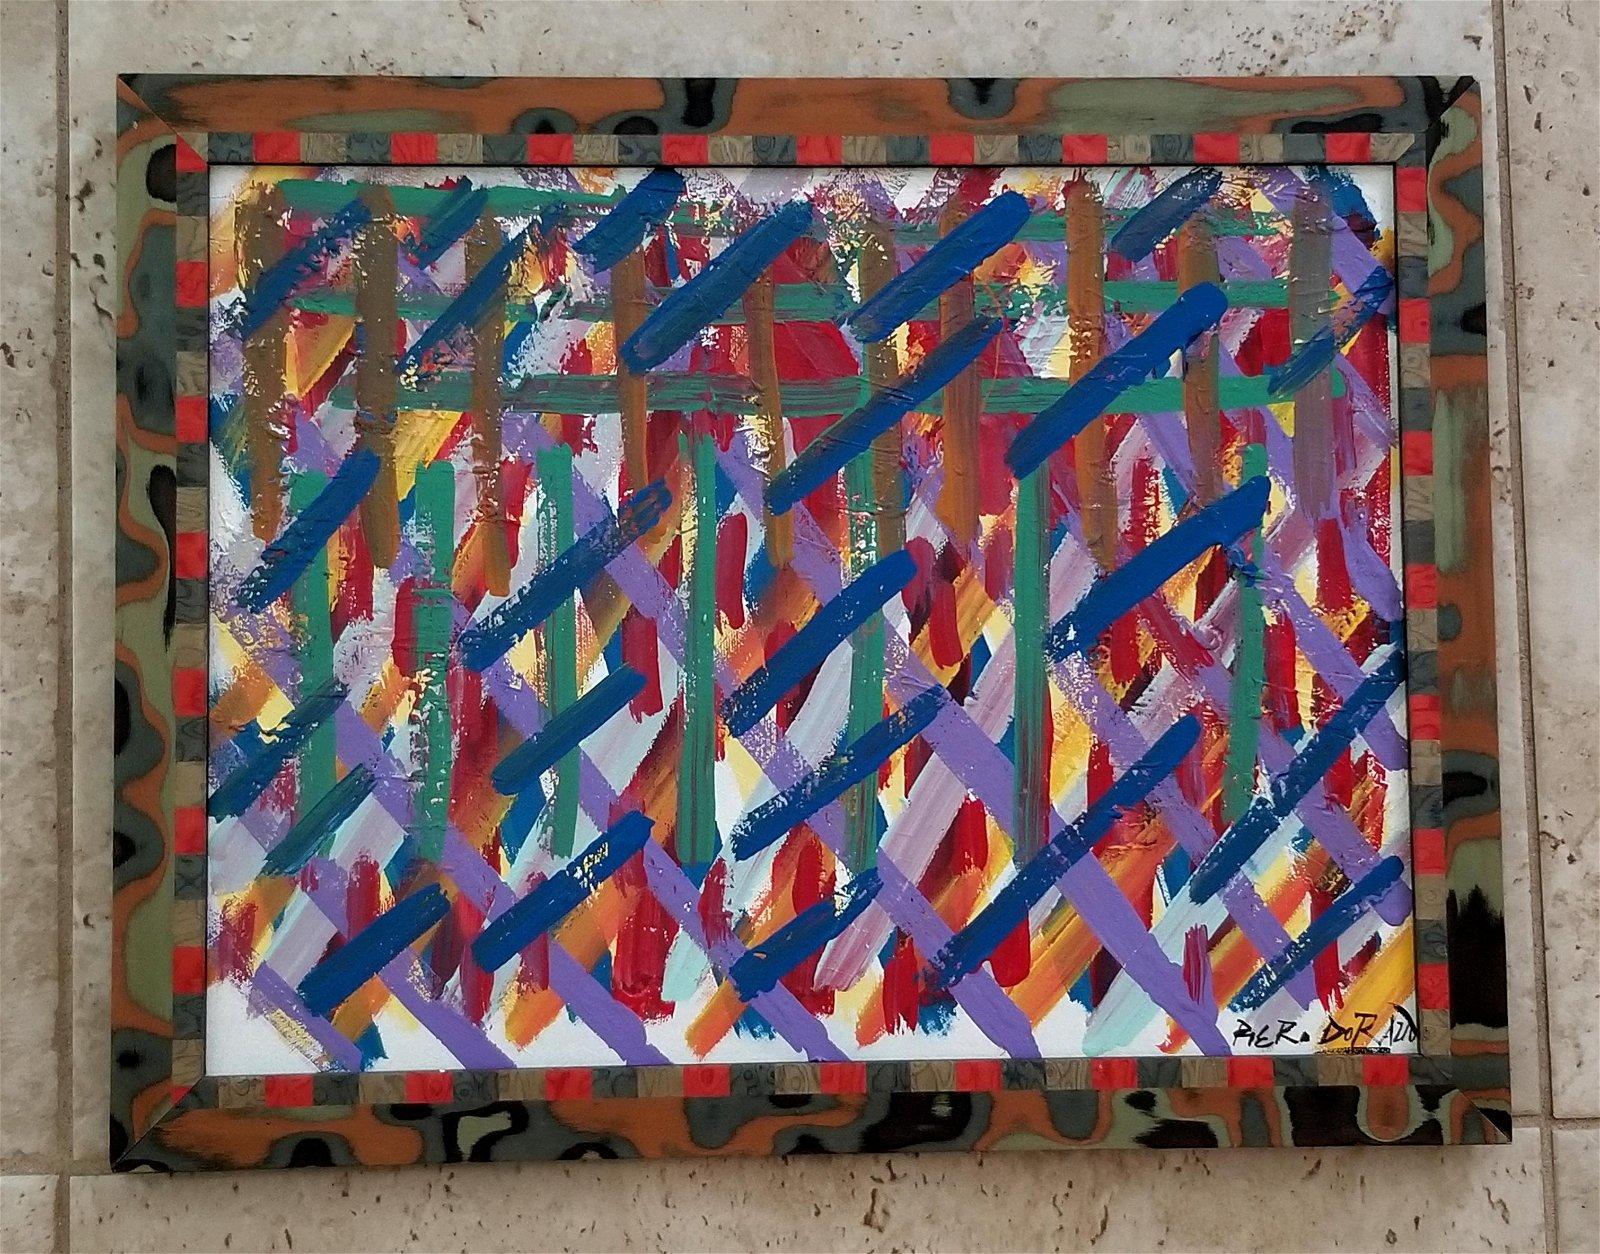 Piero Dorazio Oil Canvas Amazing Abstract